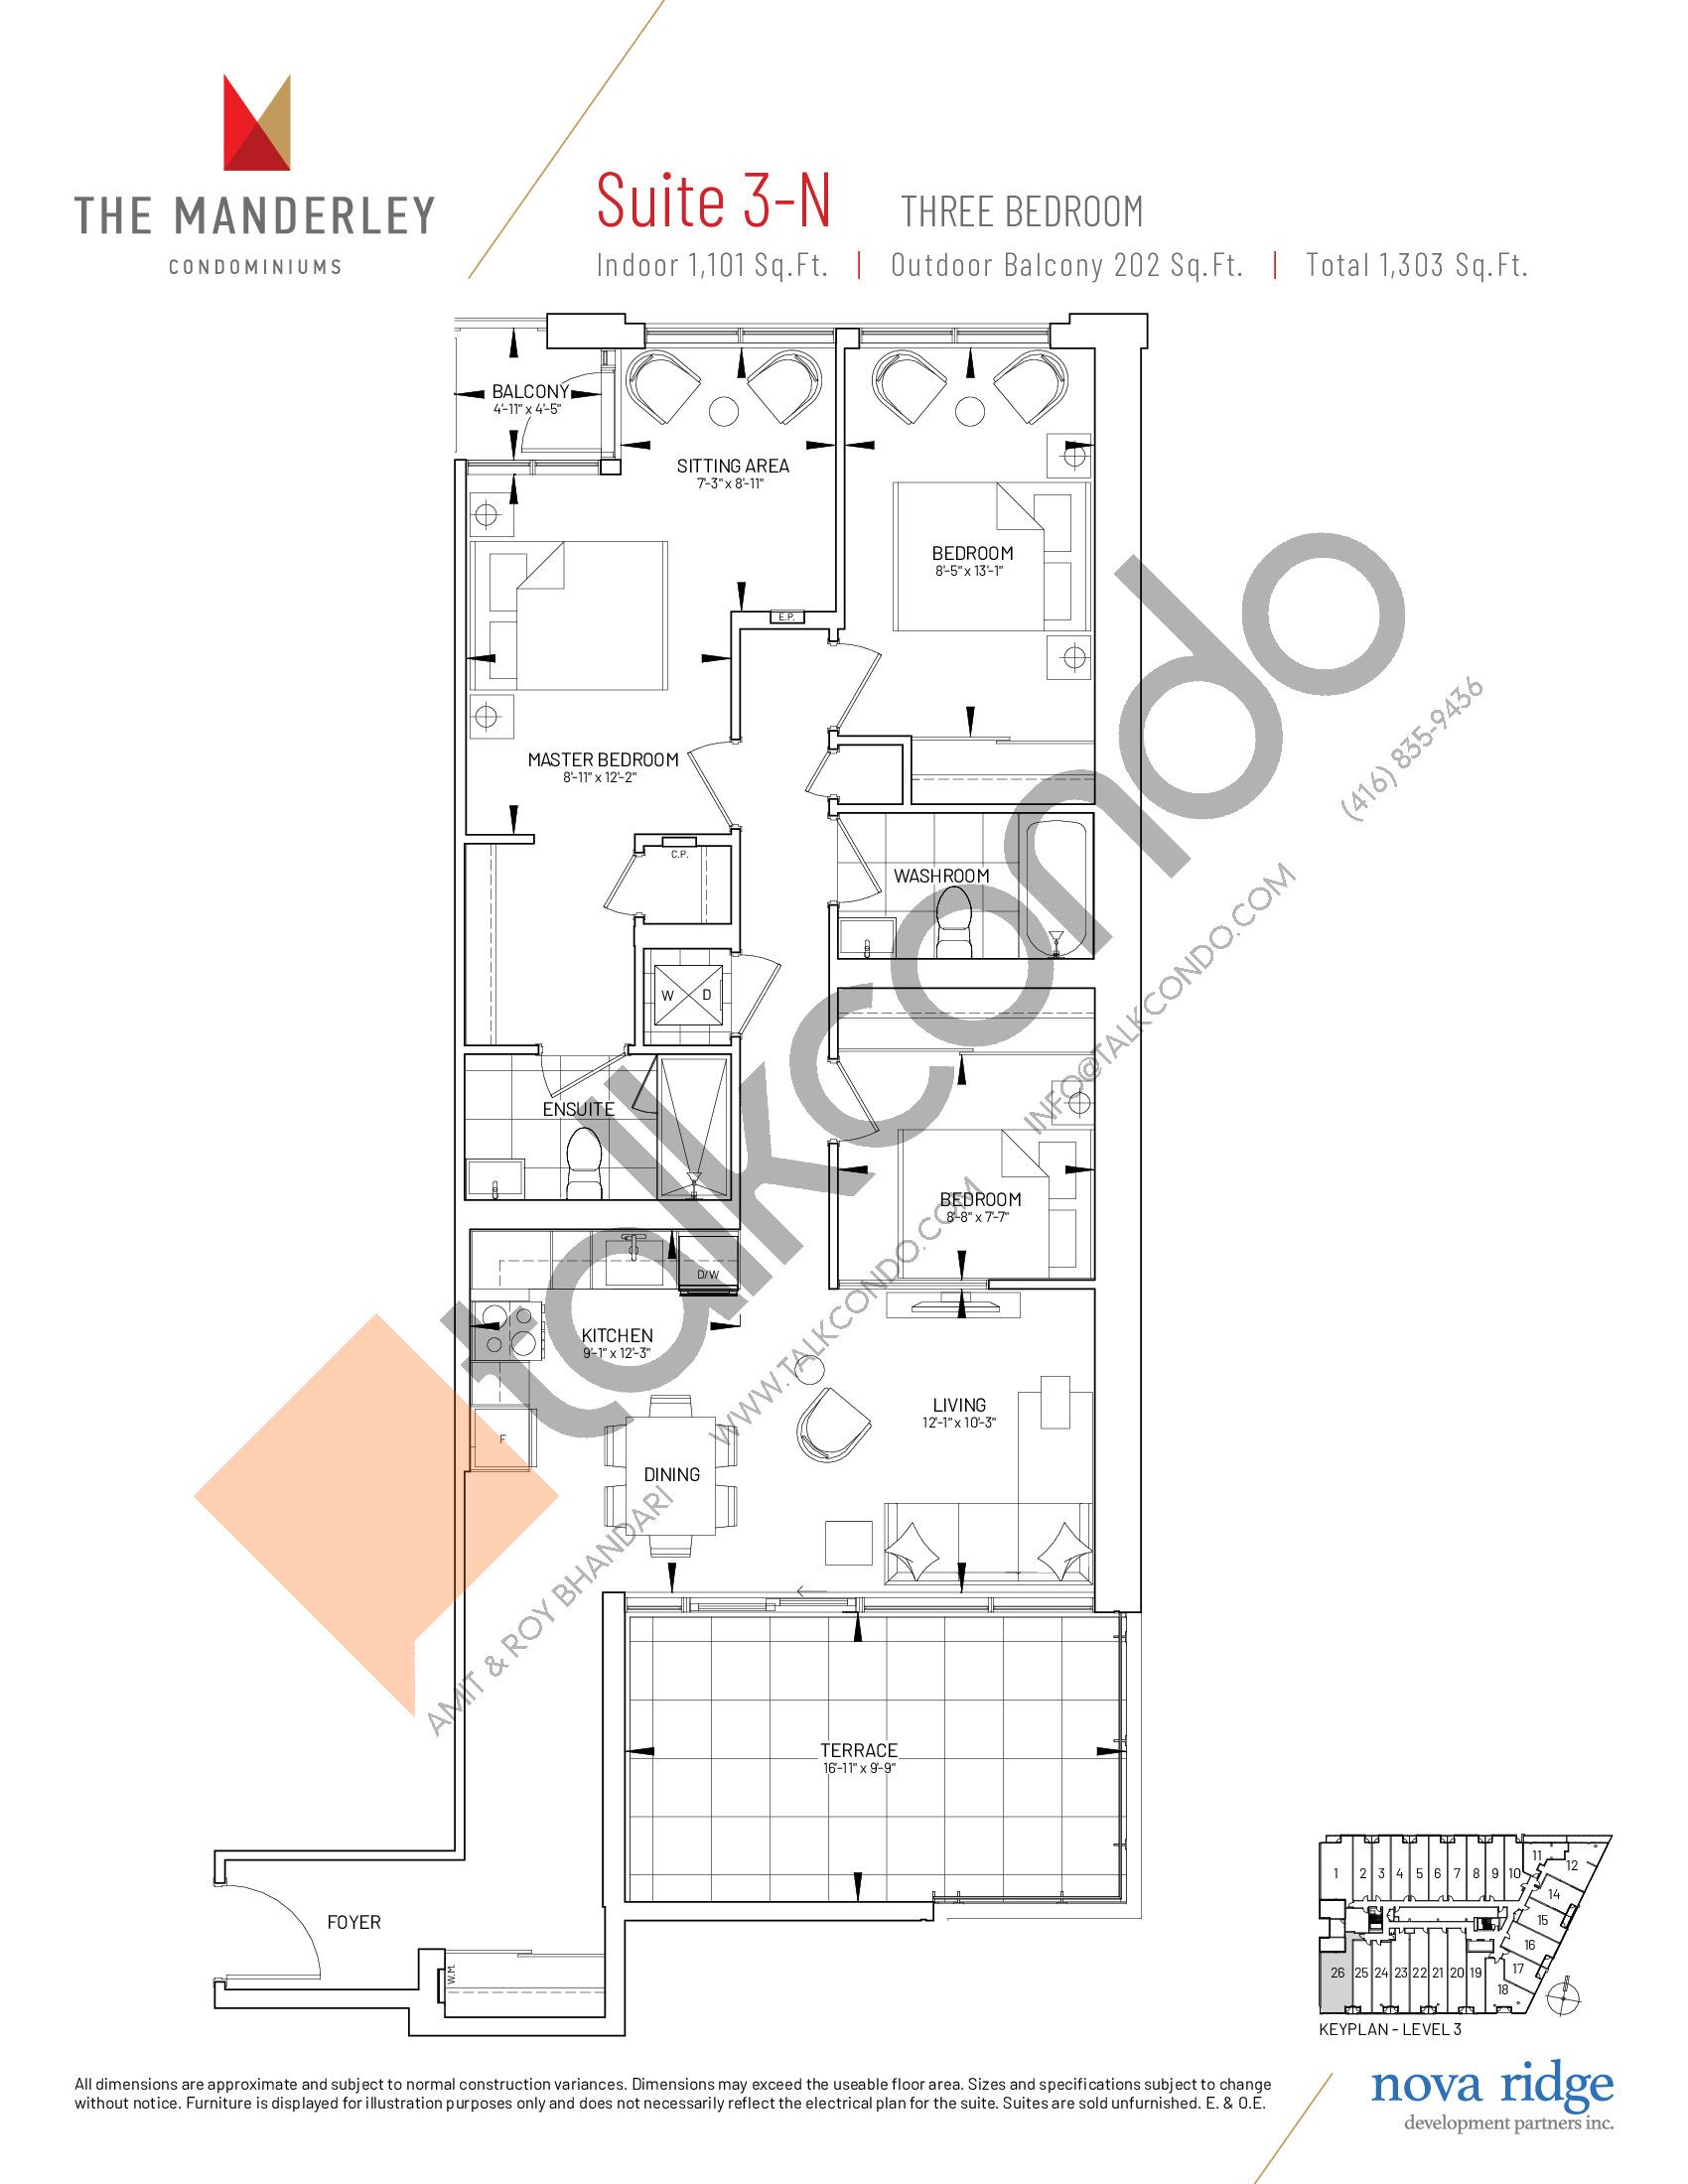 Suite 3-N Floor Plan at The Manderley Condos - 1101 sq.ft